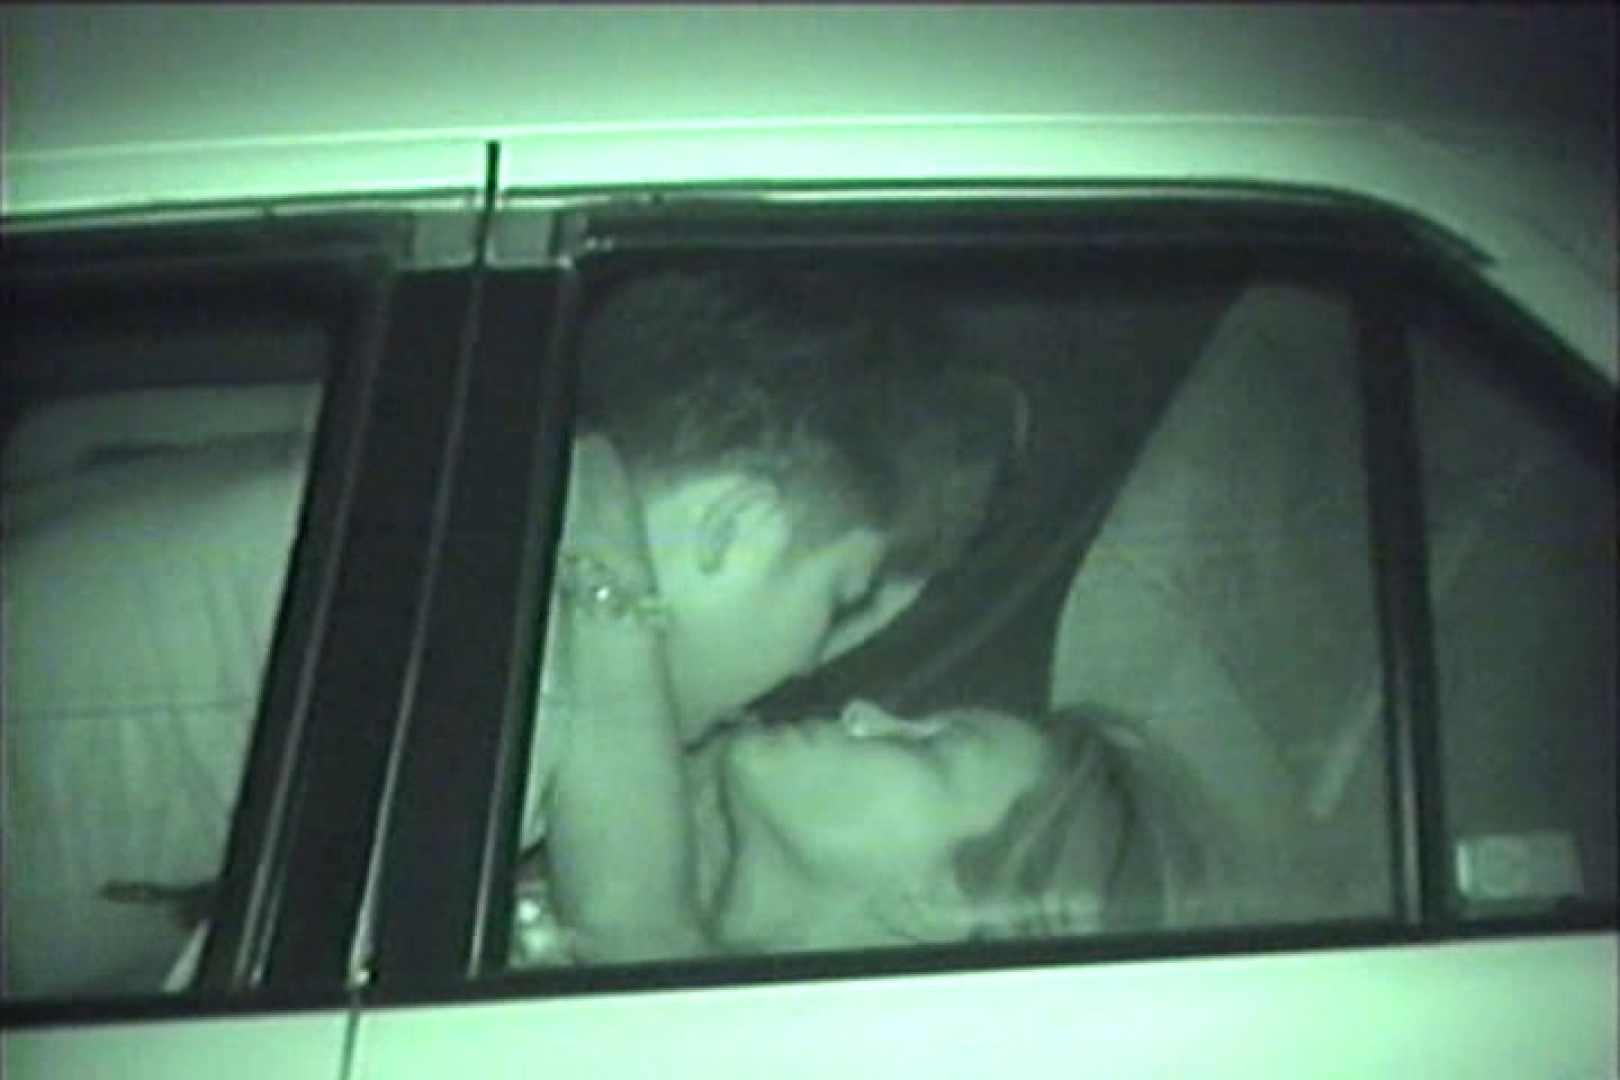 車の中はラブホテル 無修正版  Vol.17 エッチなセックス エロ画像 97画像 80